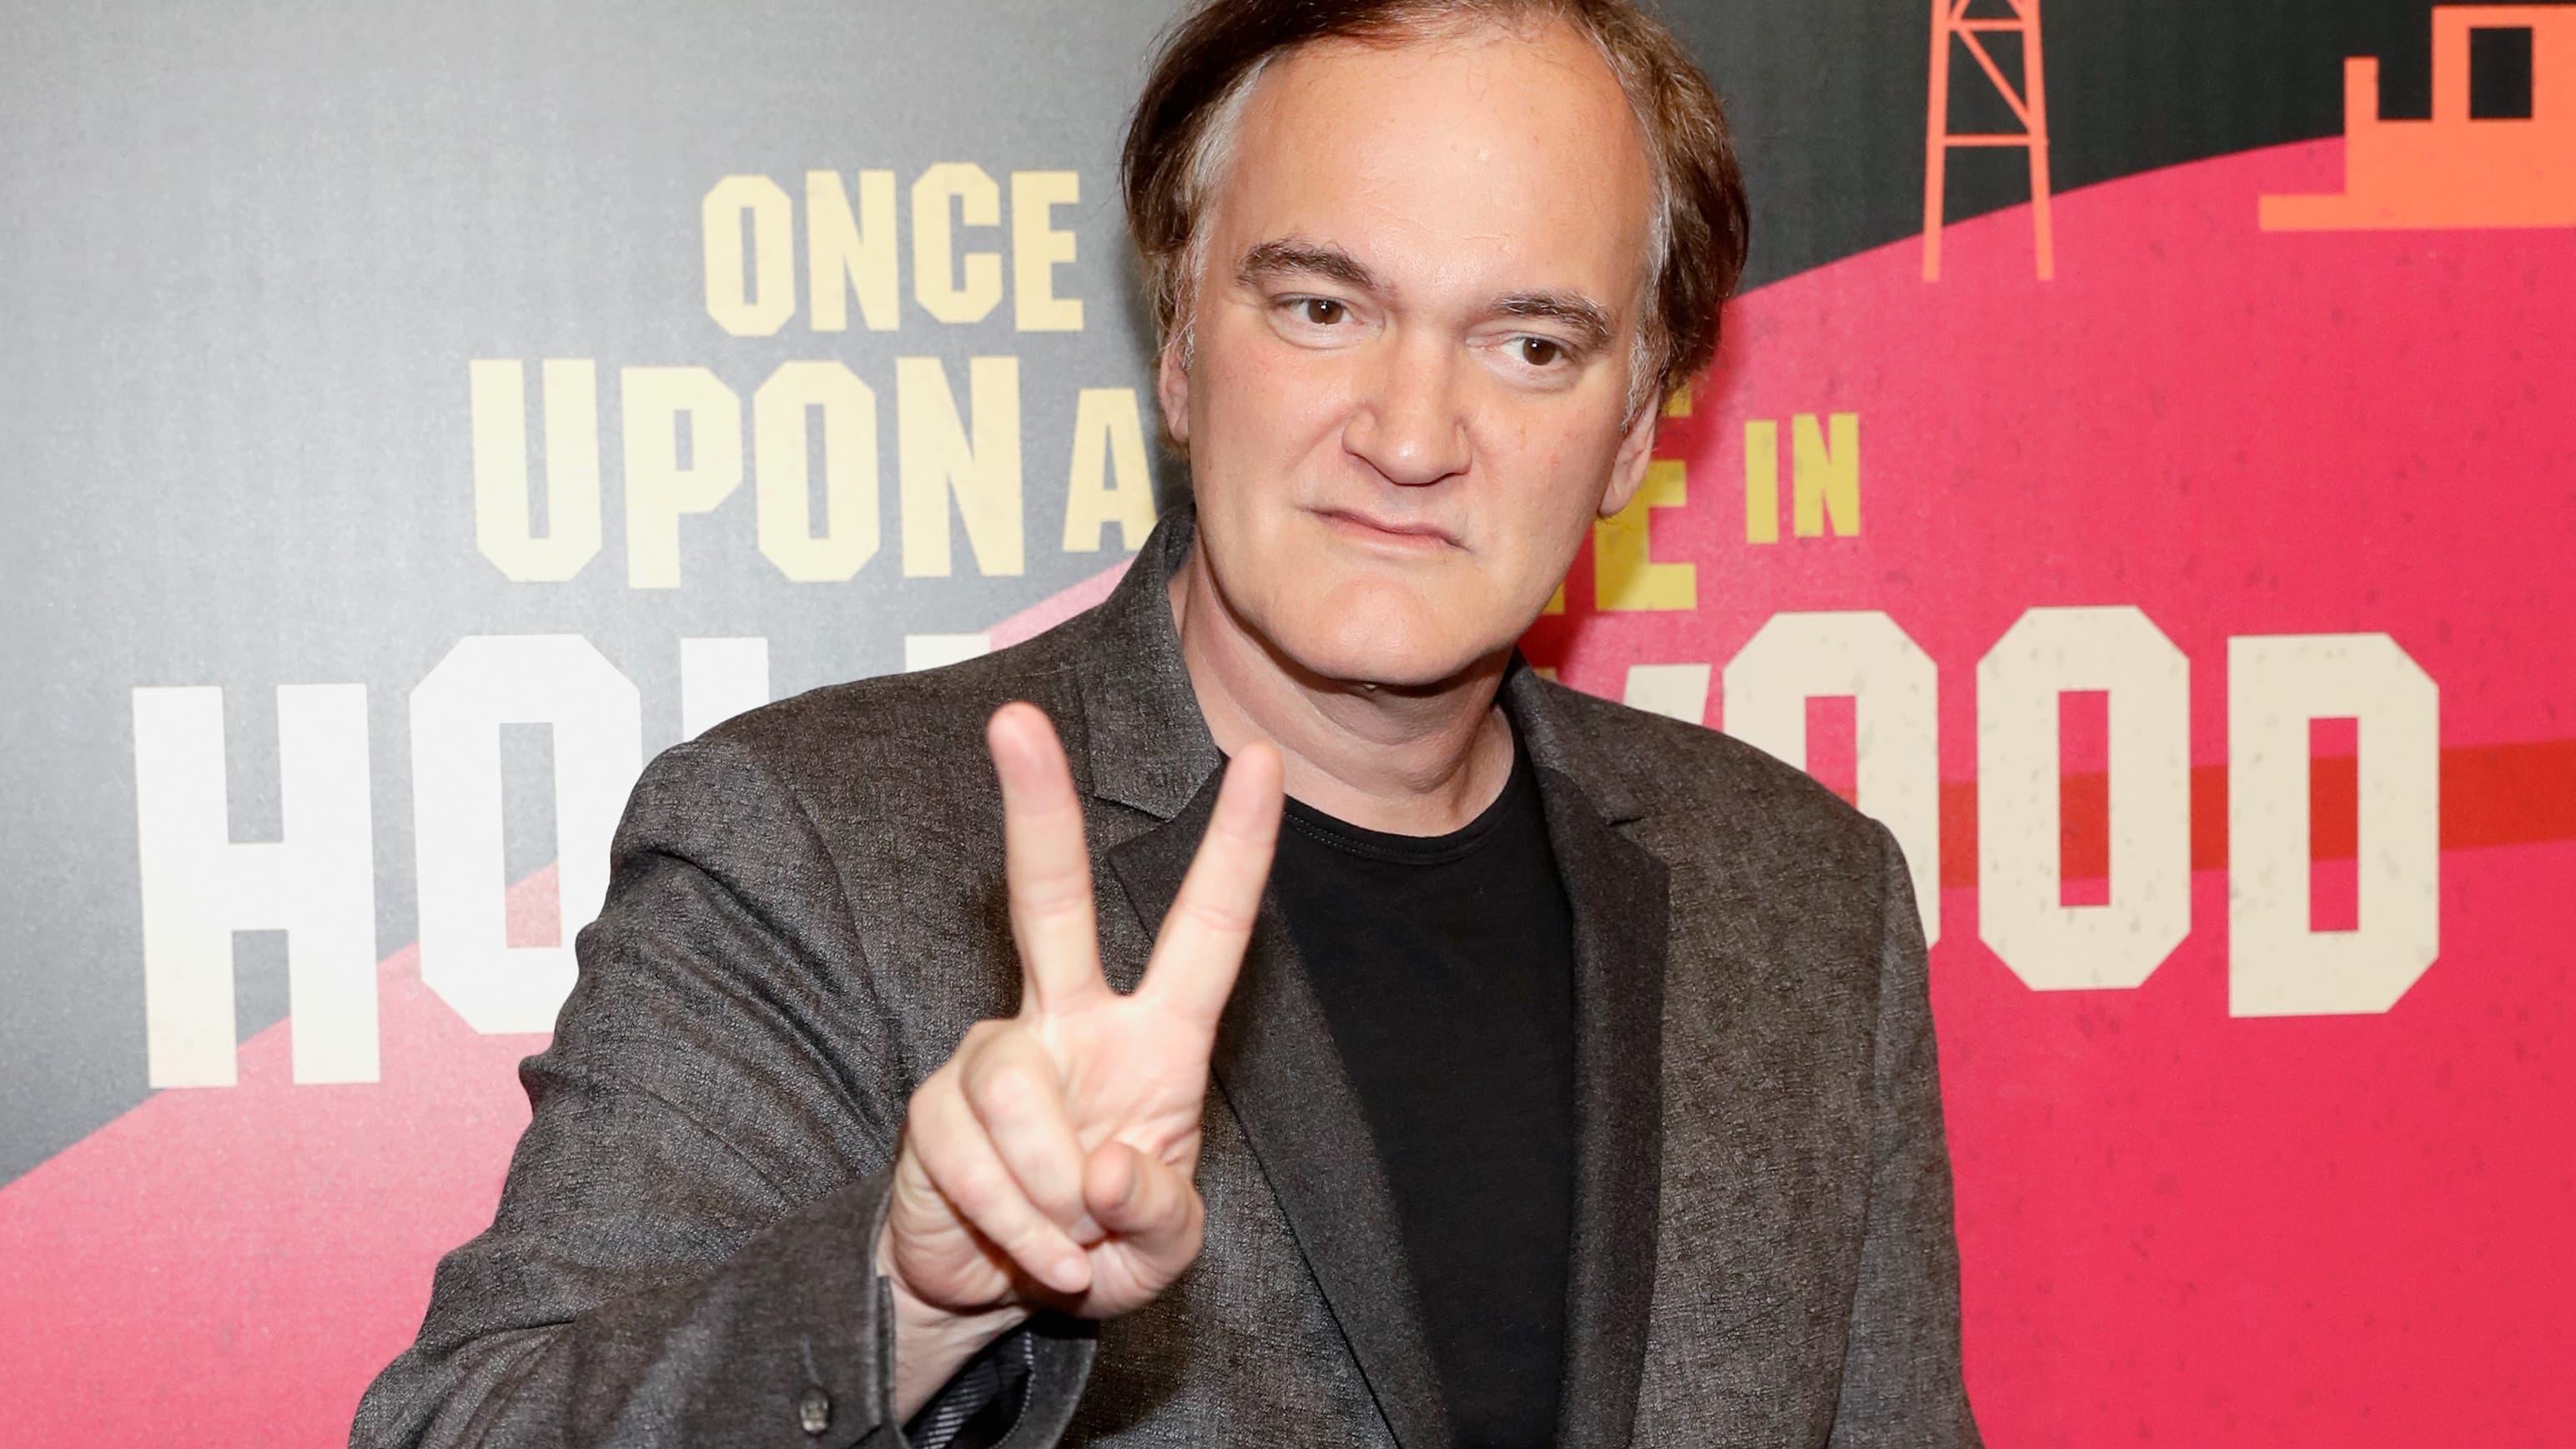 Pour Quentin Tarantino, voici le film d'horreur à absolument regarder à Halloween - BFMTV